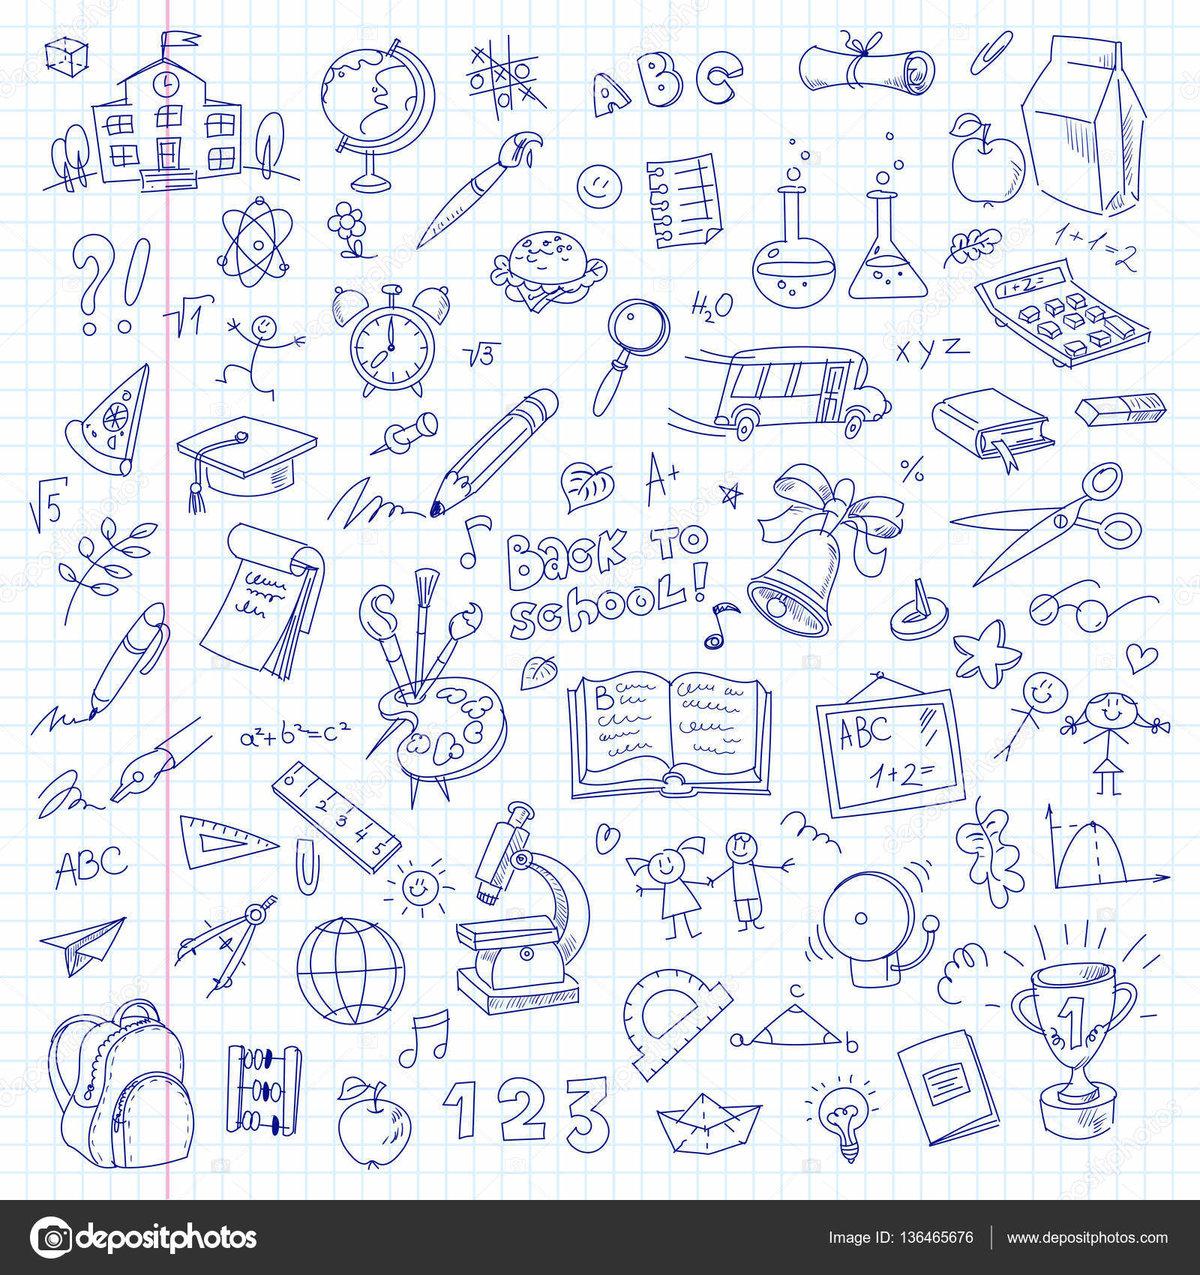 образом фон тетрадный лист с рисунками хочу познакомить